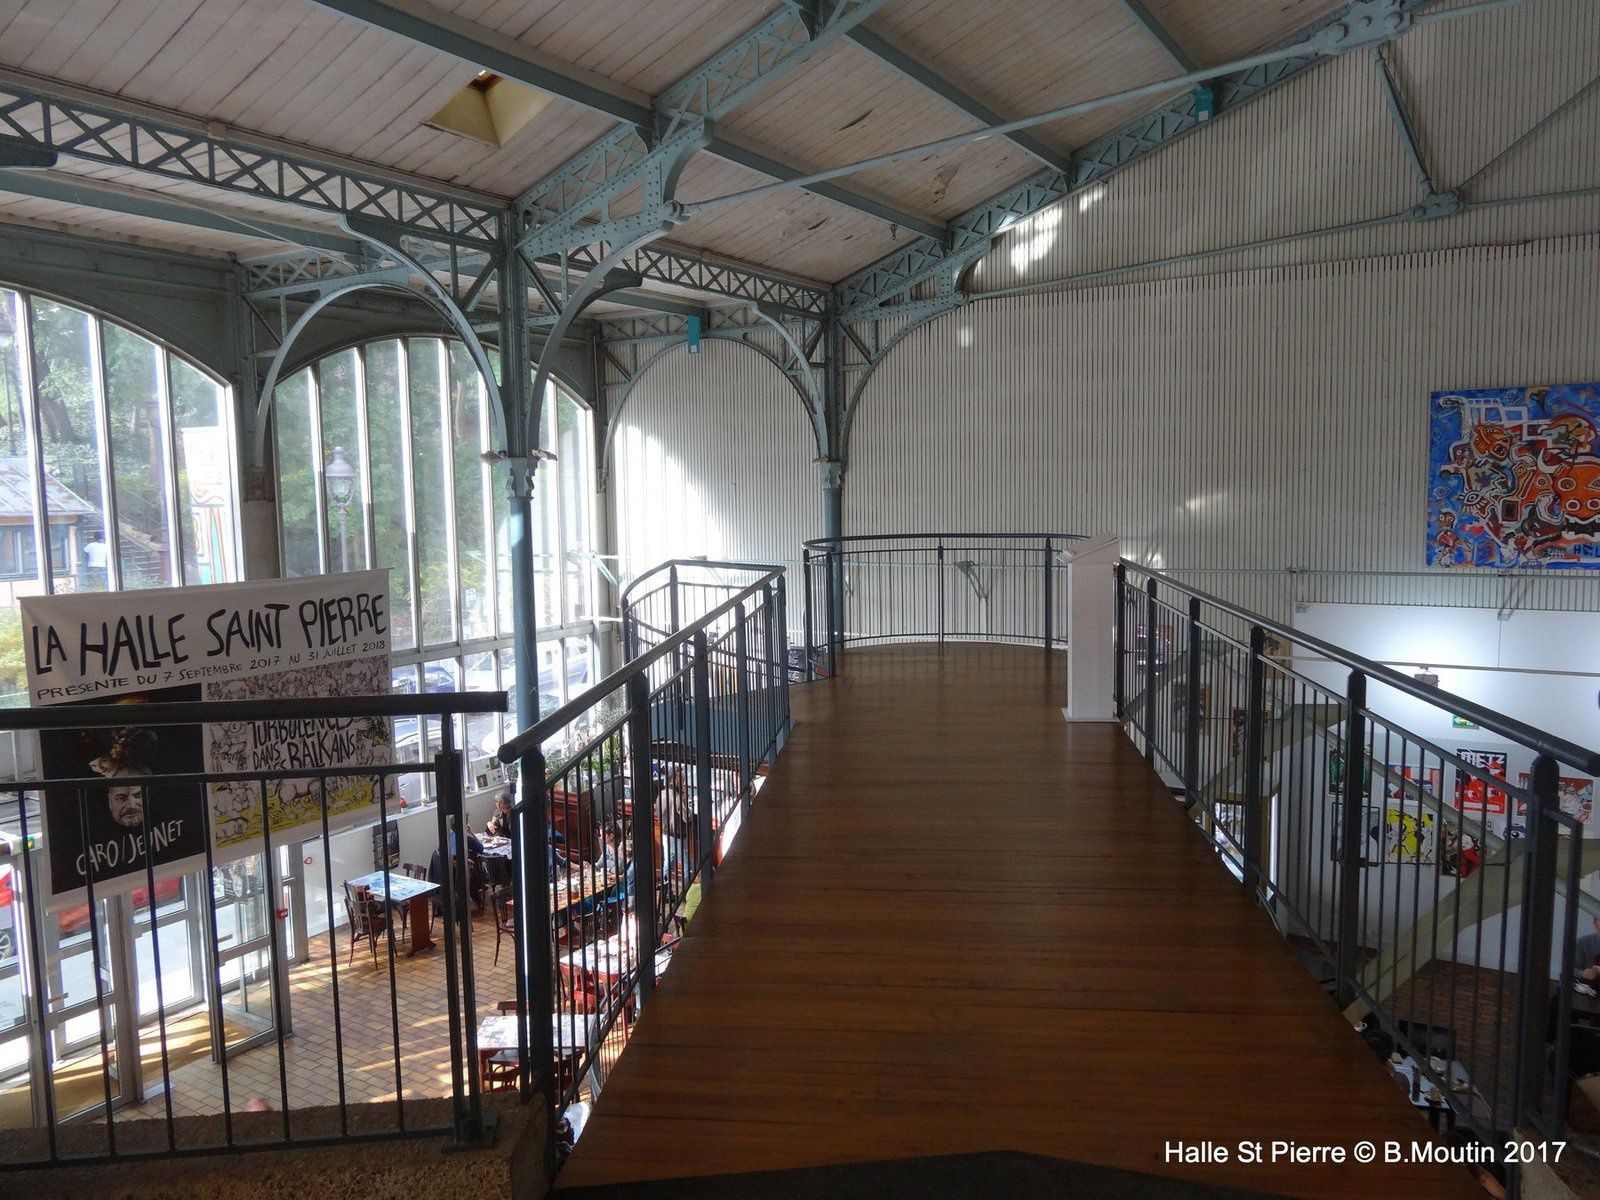 La Halle St Pierre à Paris : une visite s'impose (6 photos à cliquer)